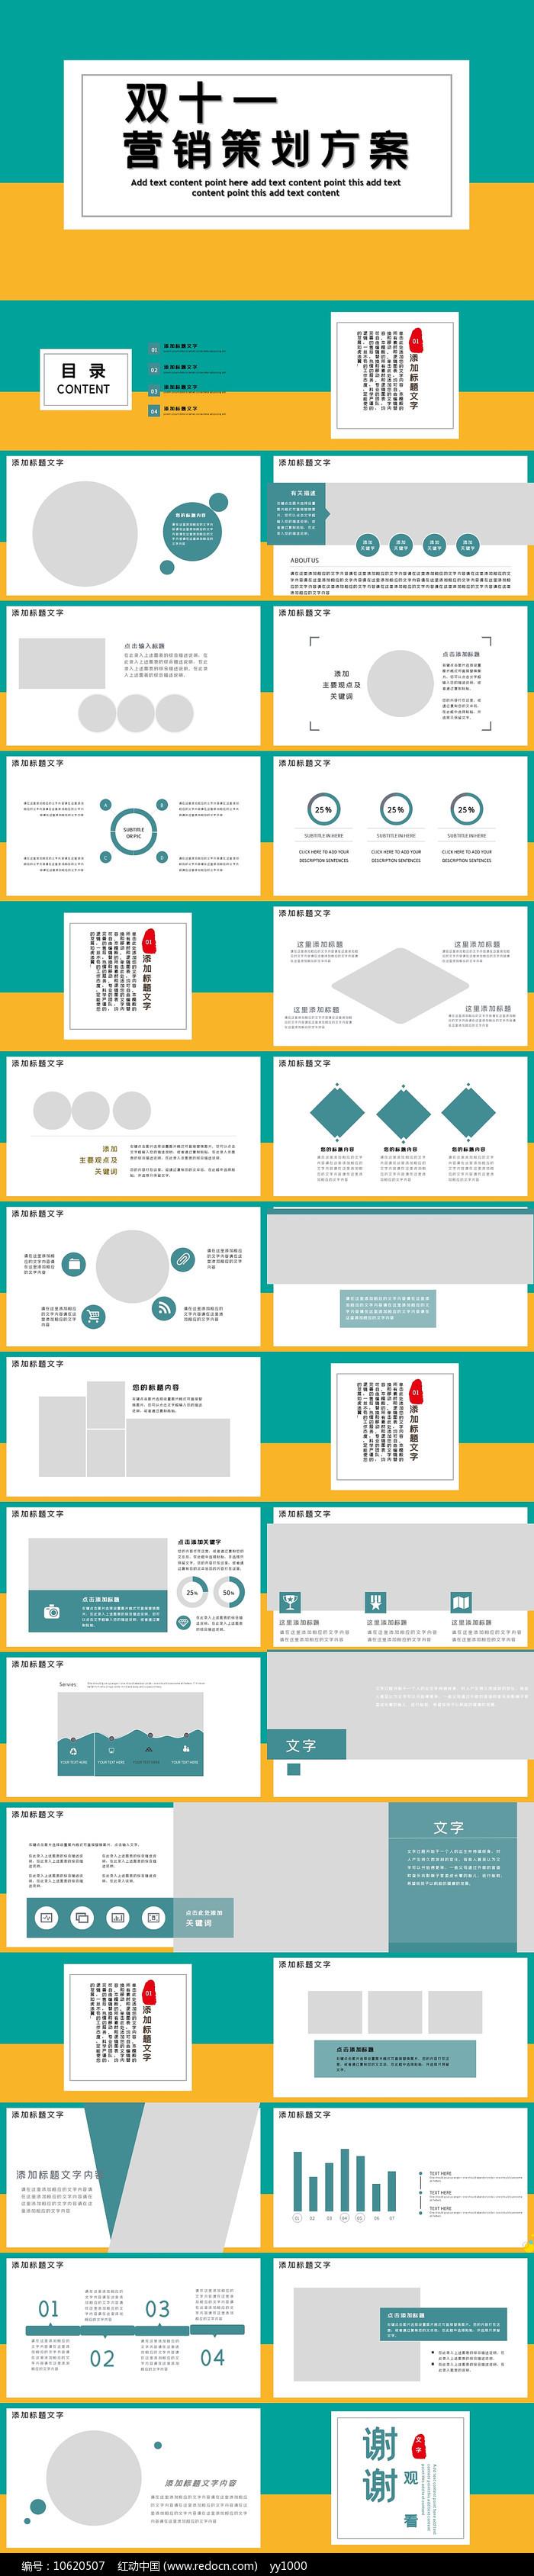 双十一购物活动策划PPT模板图片